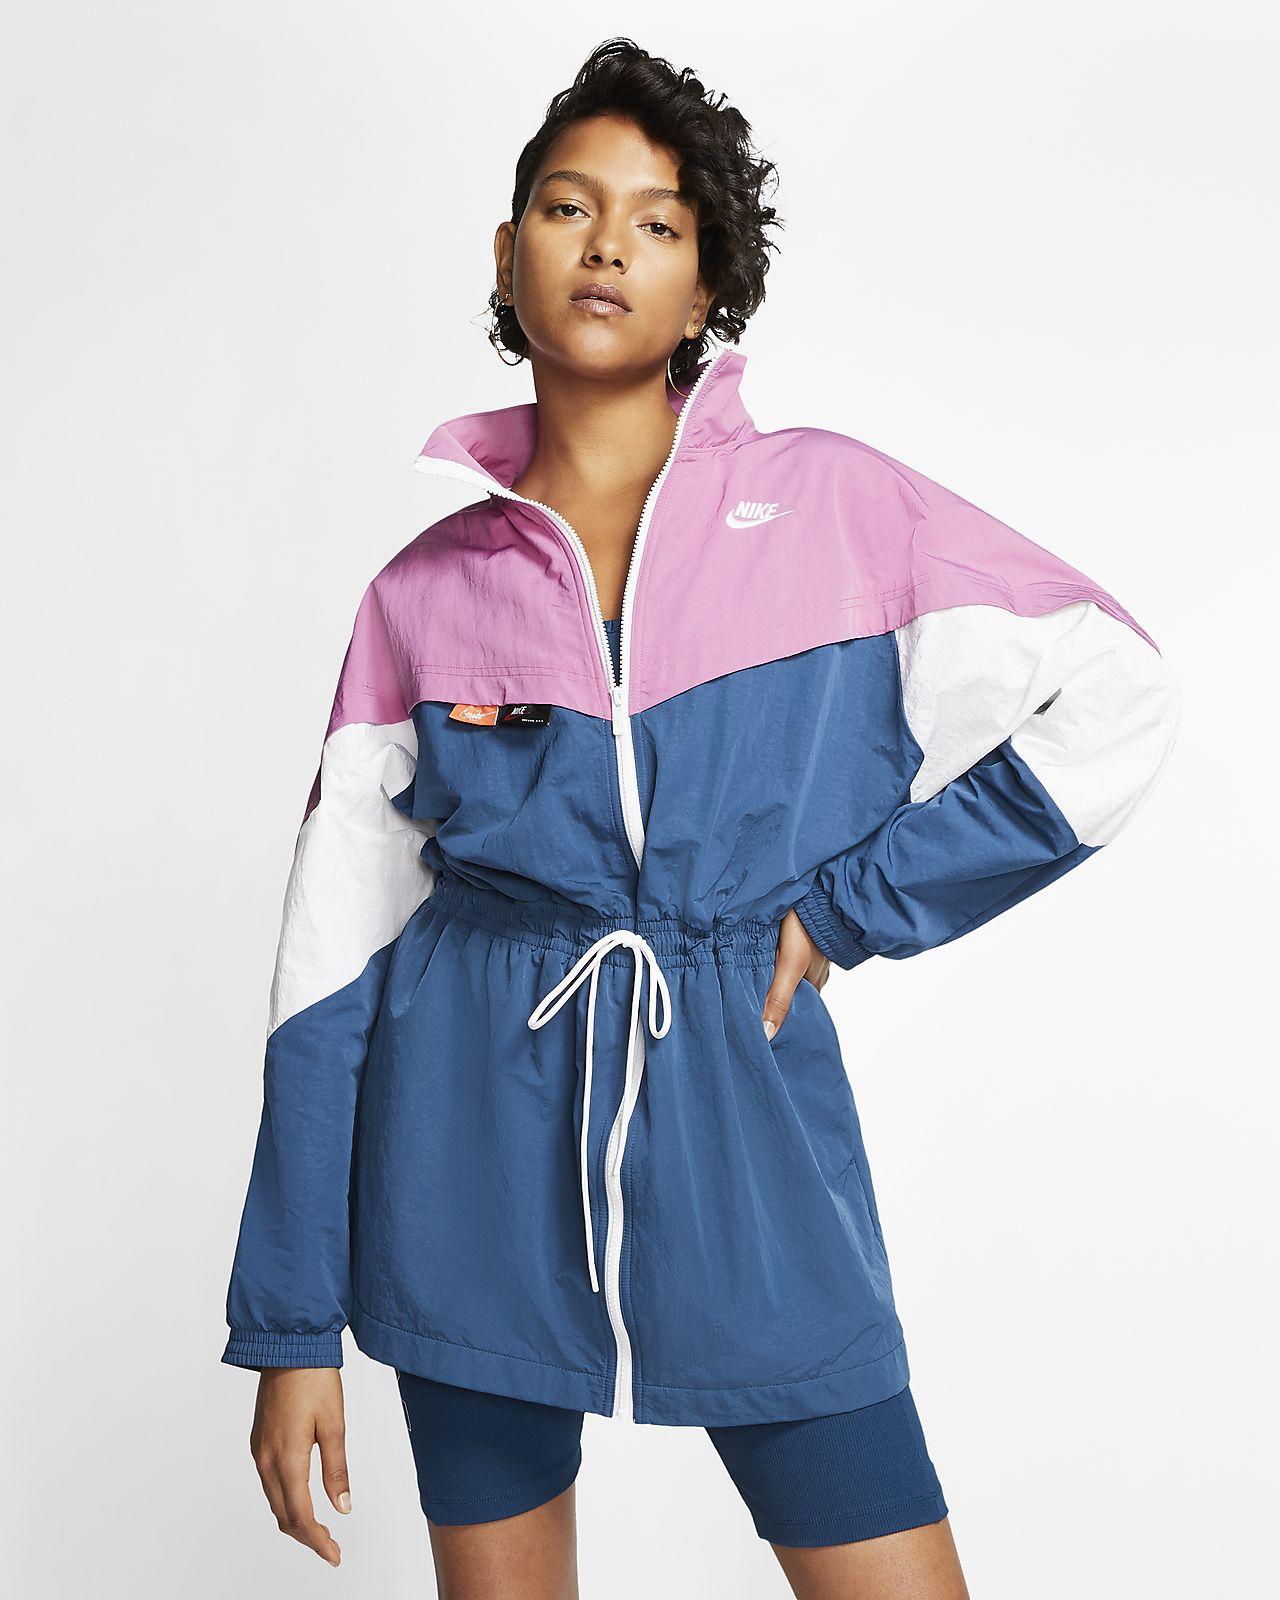 Nike Sportswear Icon Clash Women's Woven Track Jacket